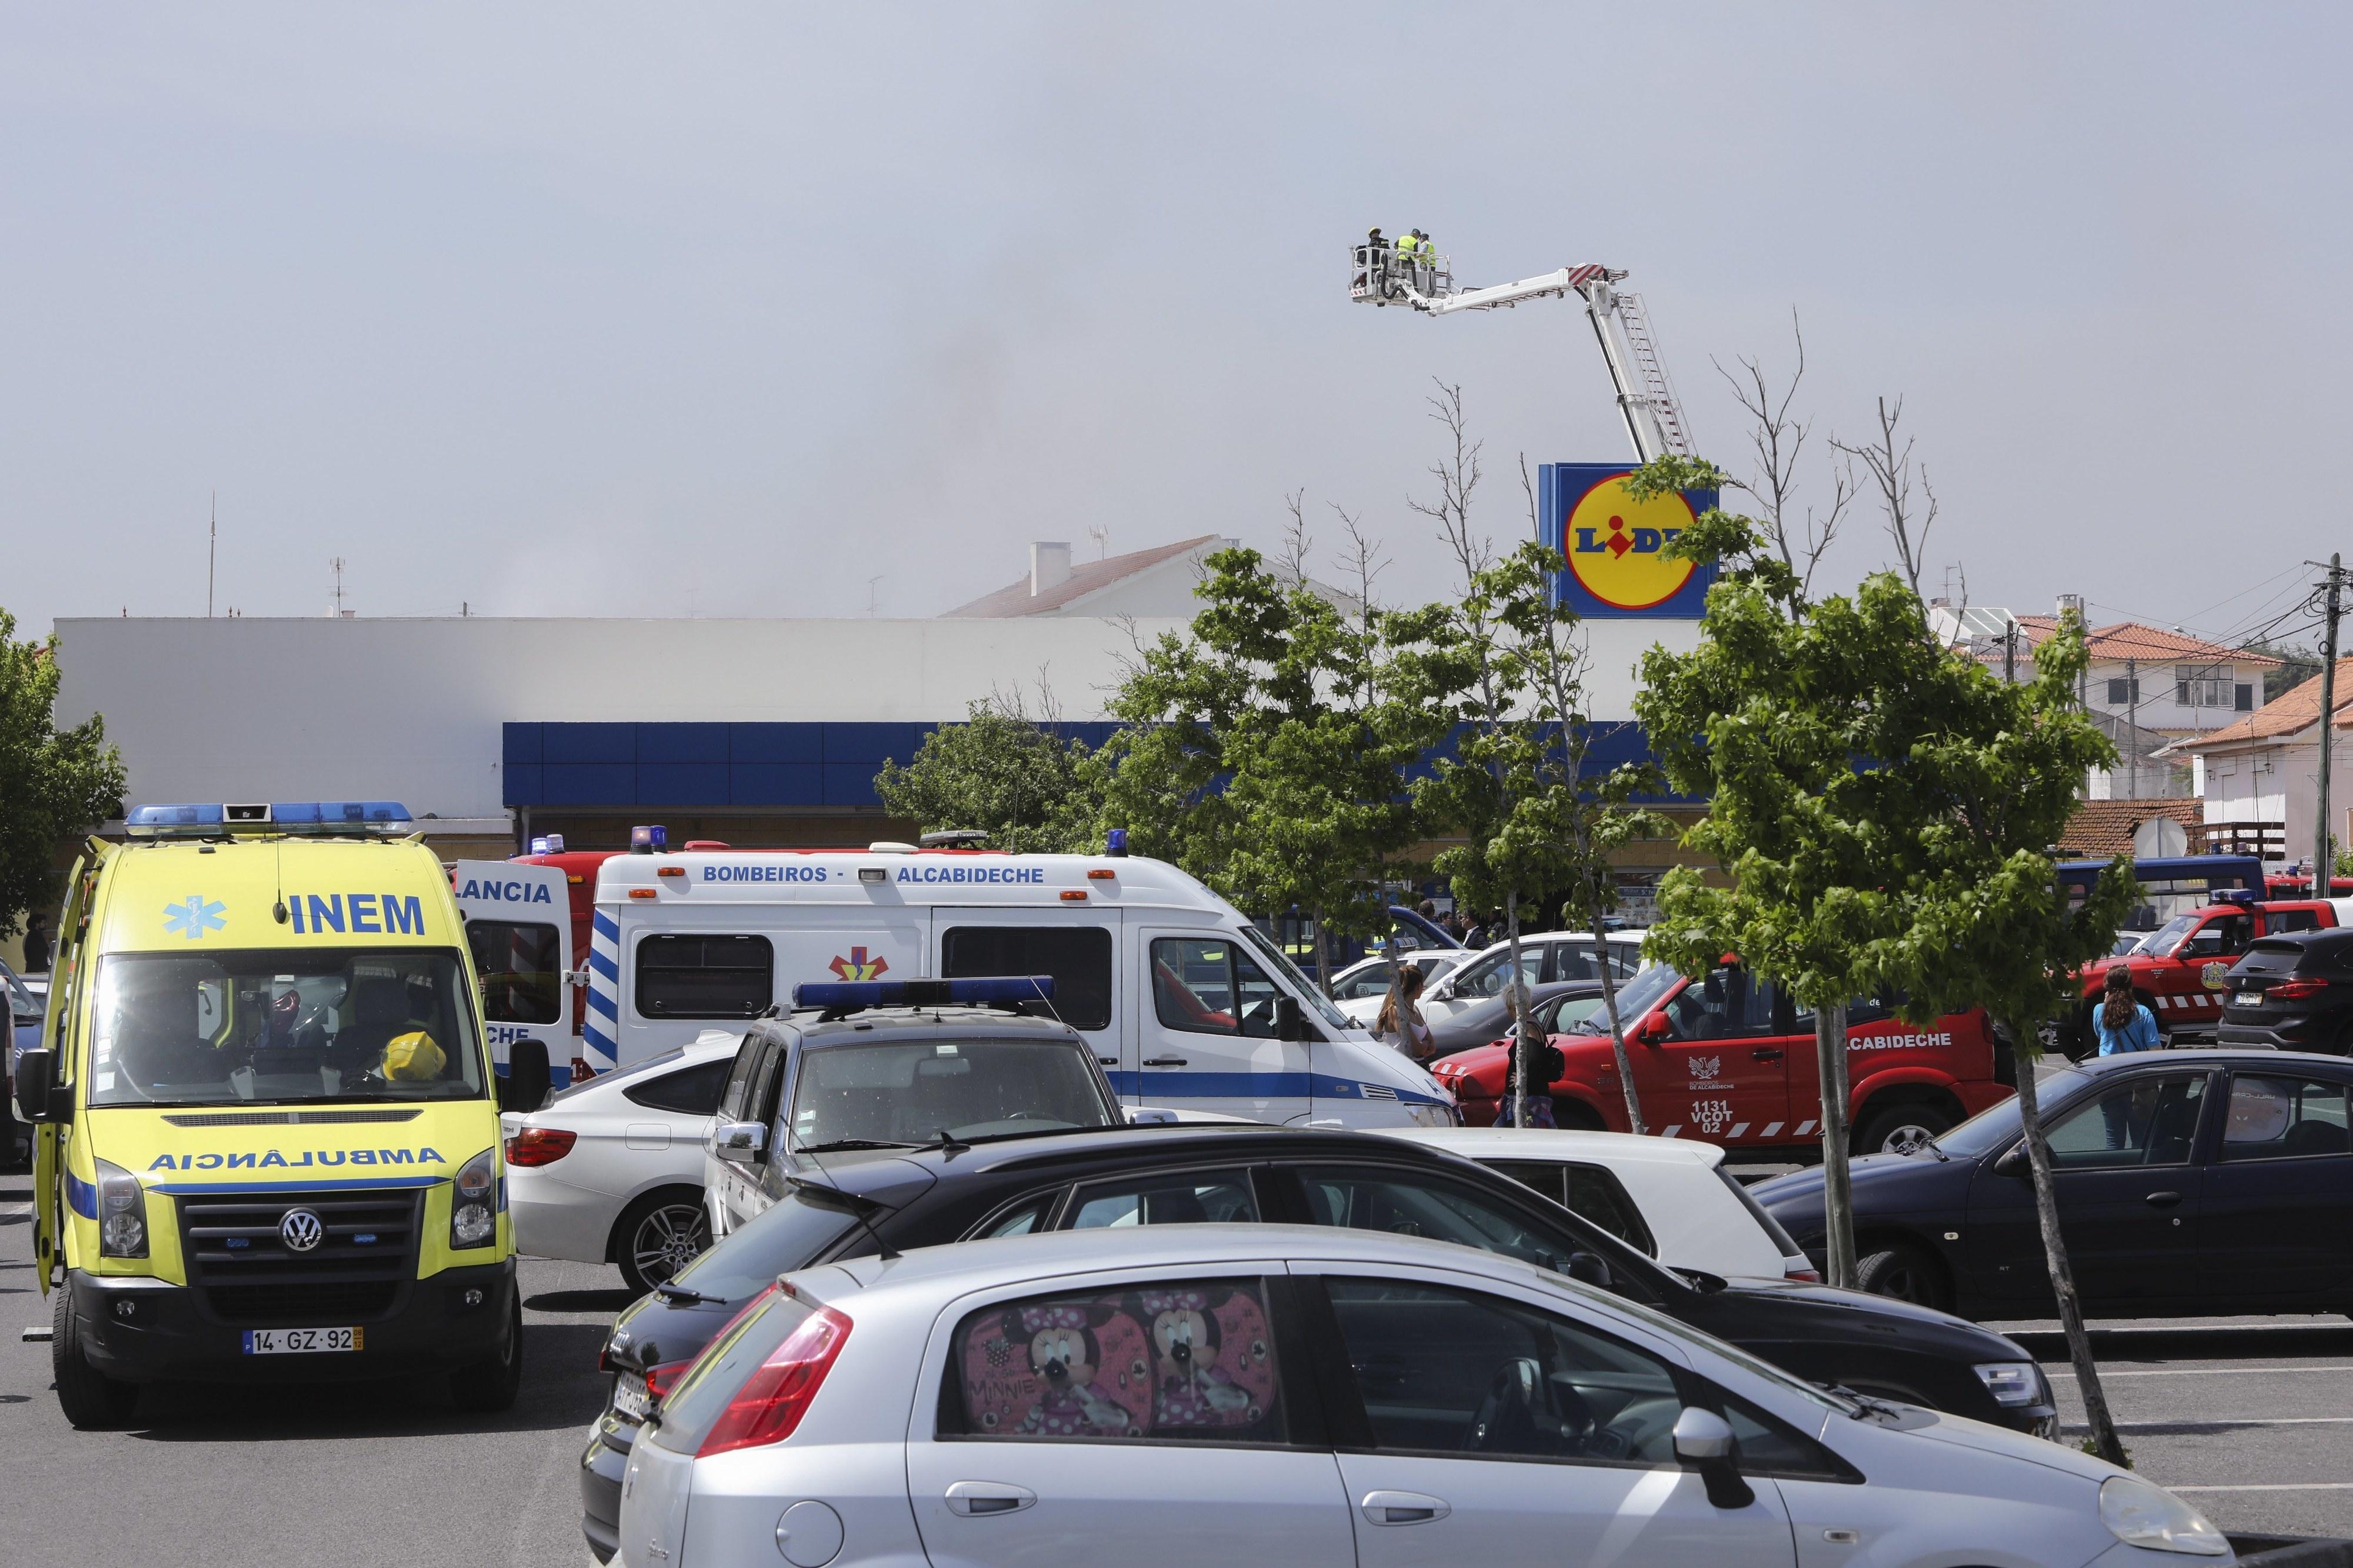 Queda de avião em Tires com 5 mortos deveu-se a falha do piloto após problema no motor